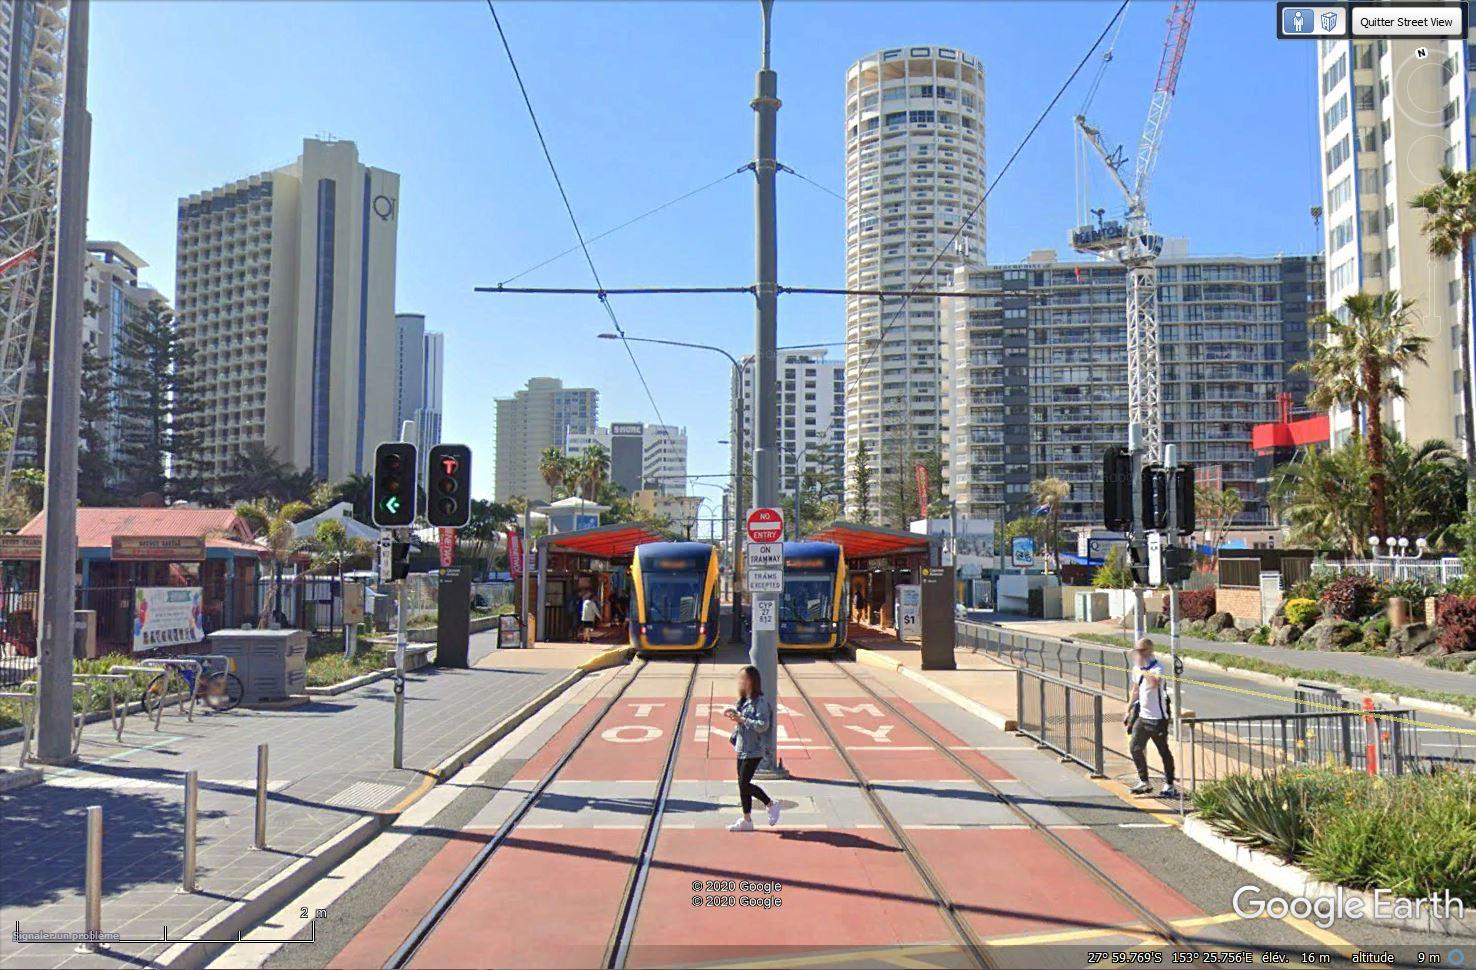 RideTheG - Le direct pour les plages de la Gold Coast Tsge1395